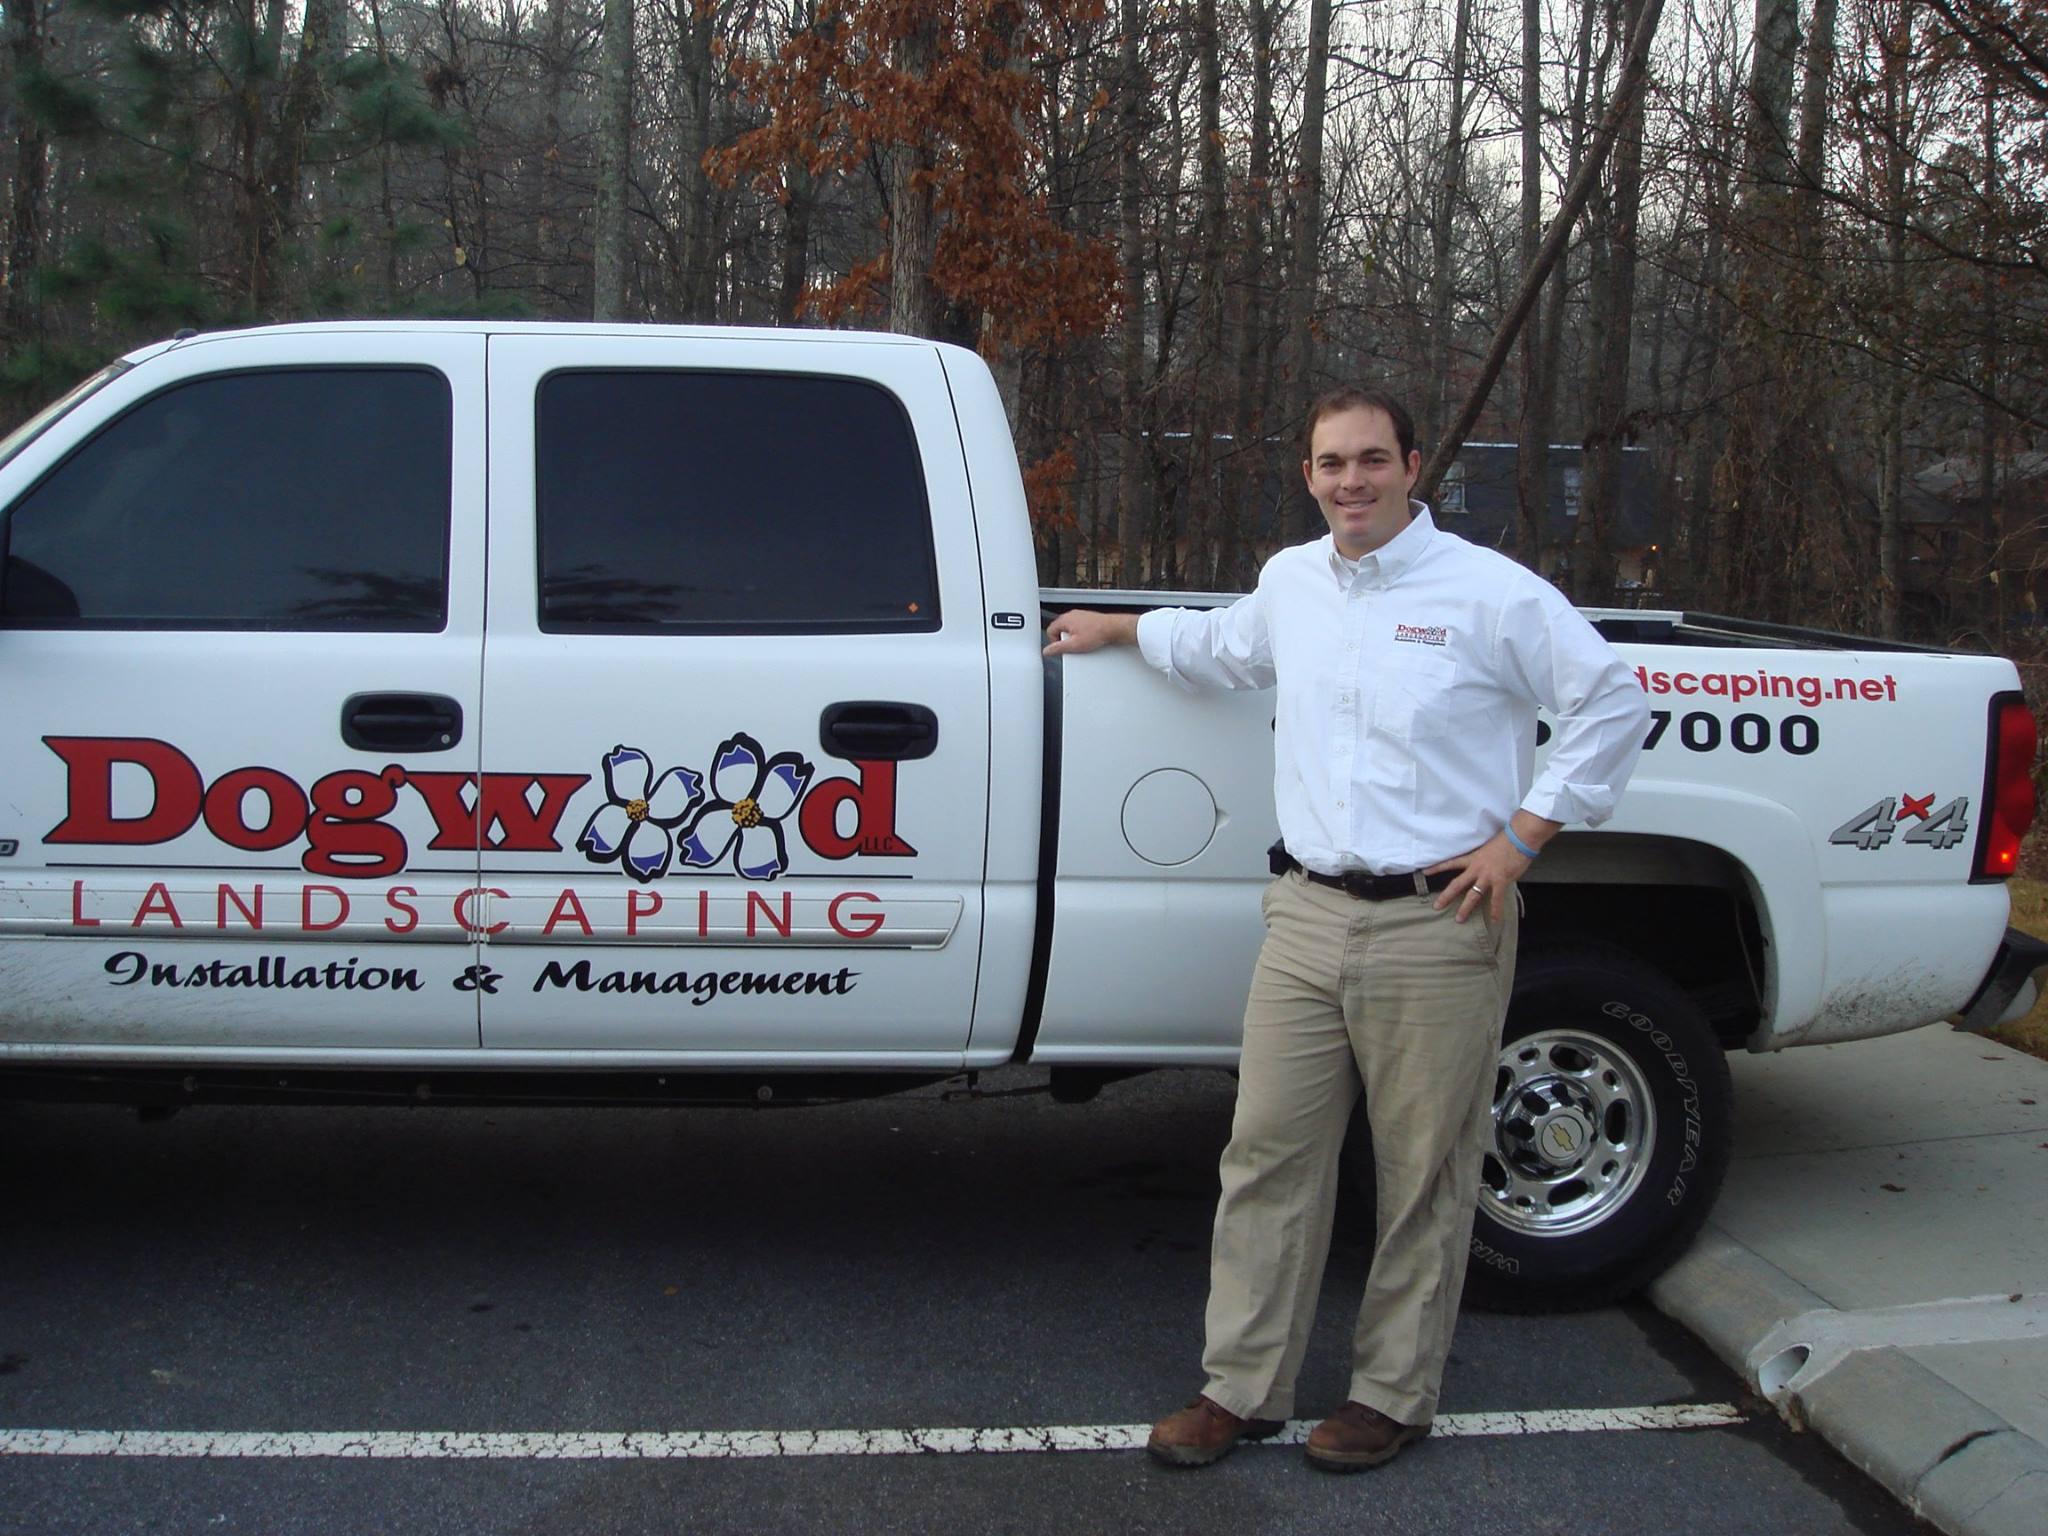 Jason Cory (Owner), Dogwood Landscaping